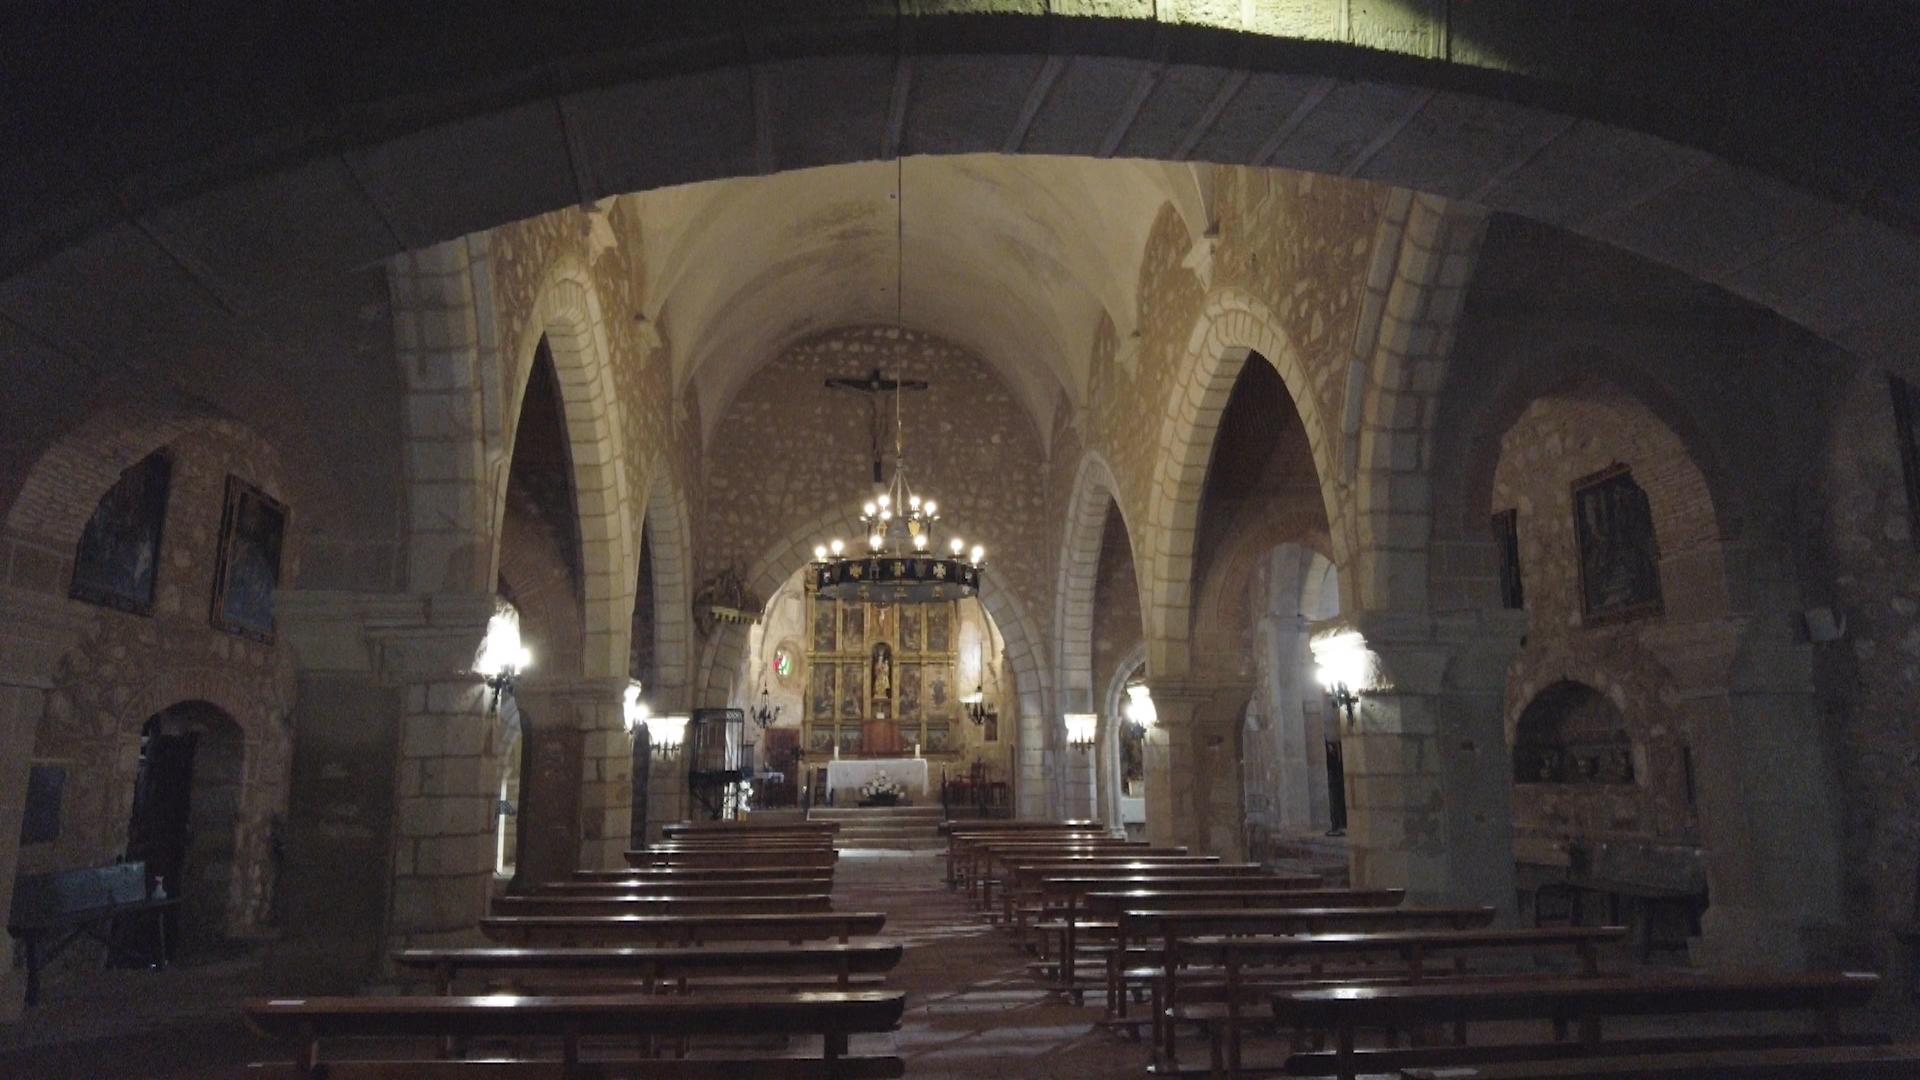 Velaí: Villa Adentro de Alburquerque (10/03/21)